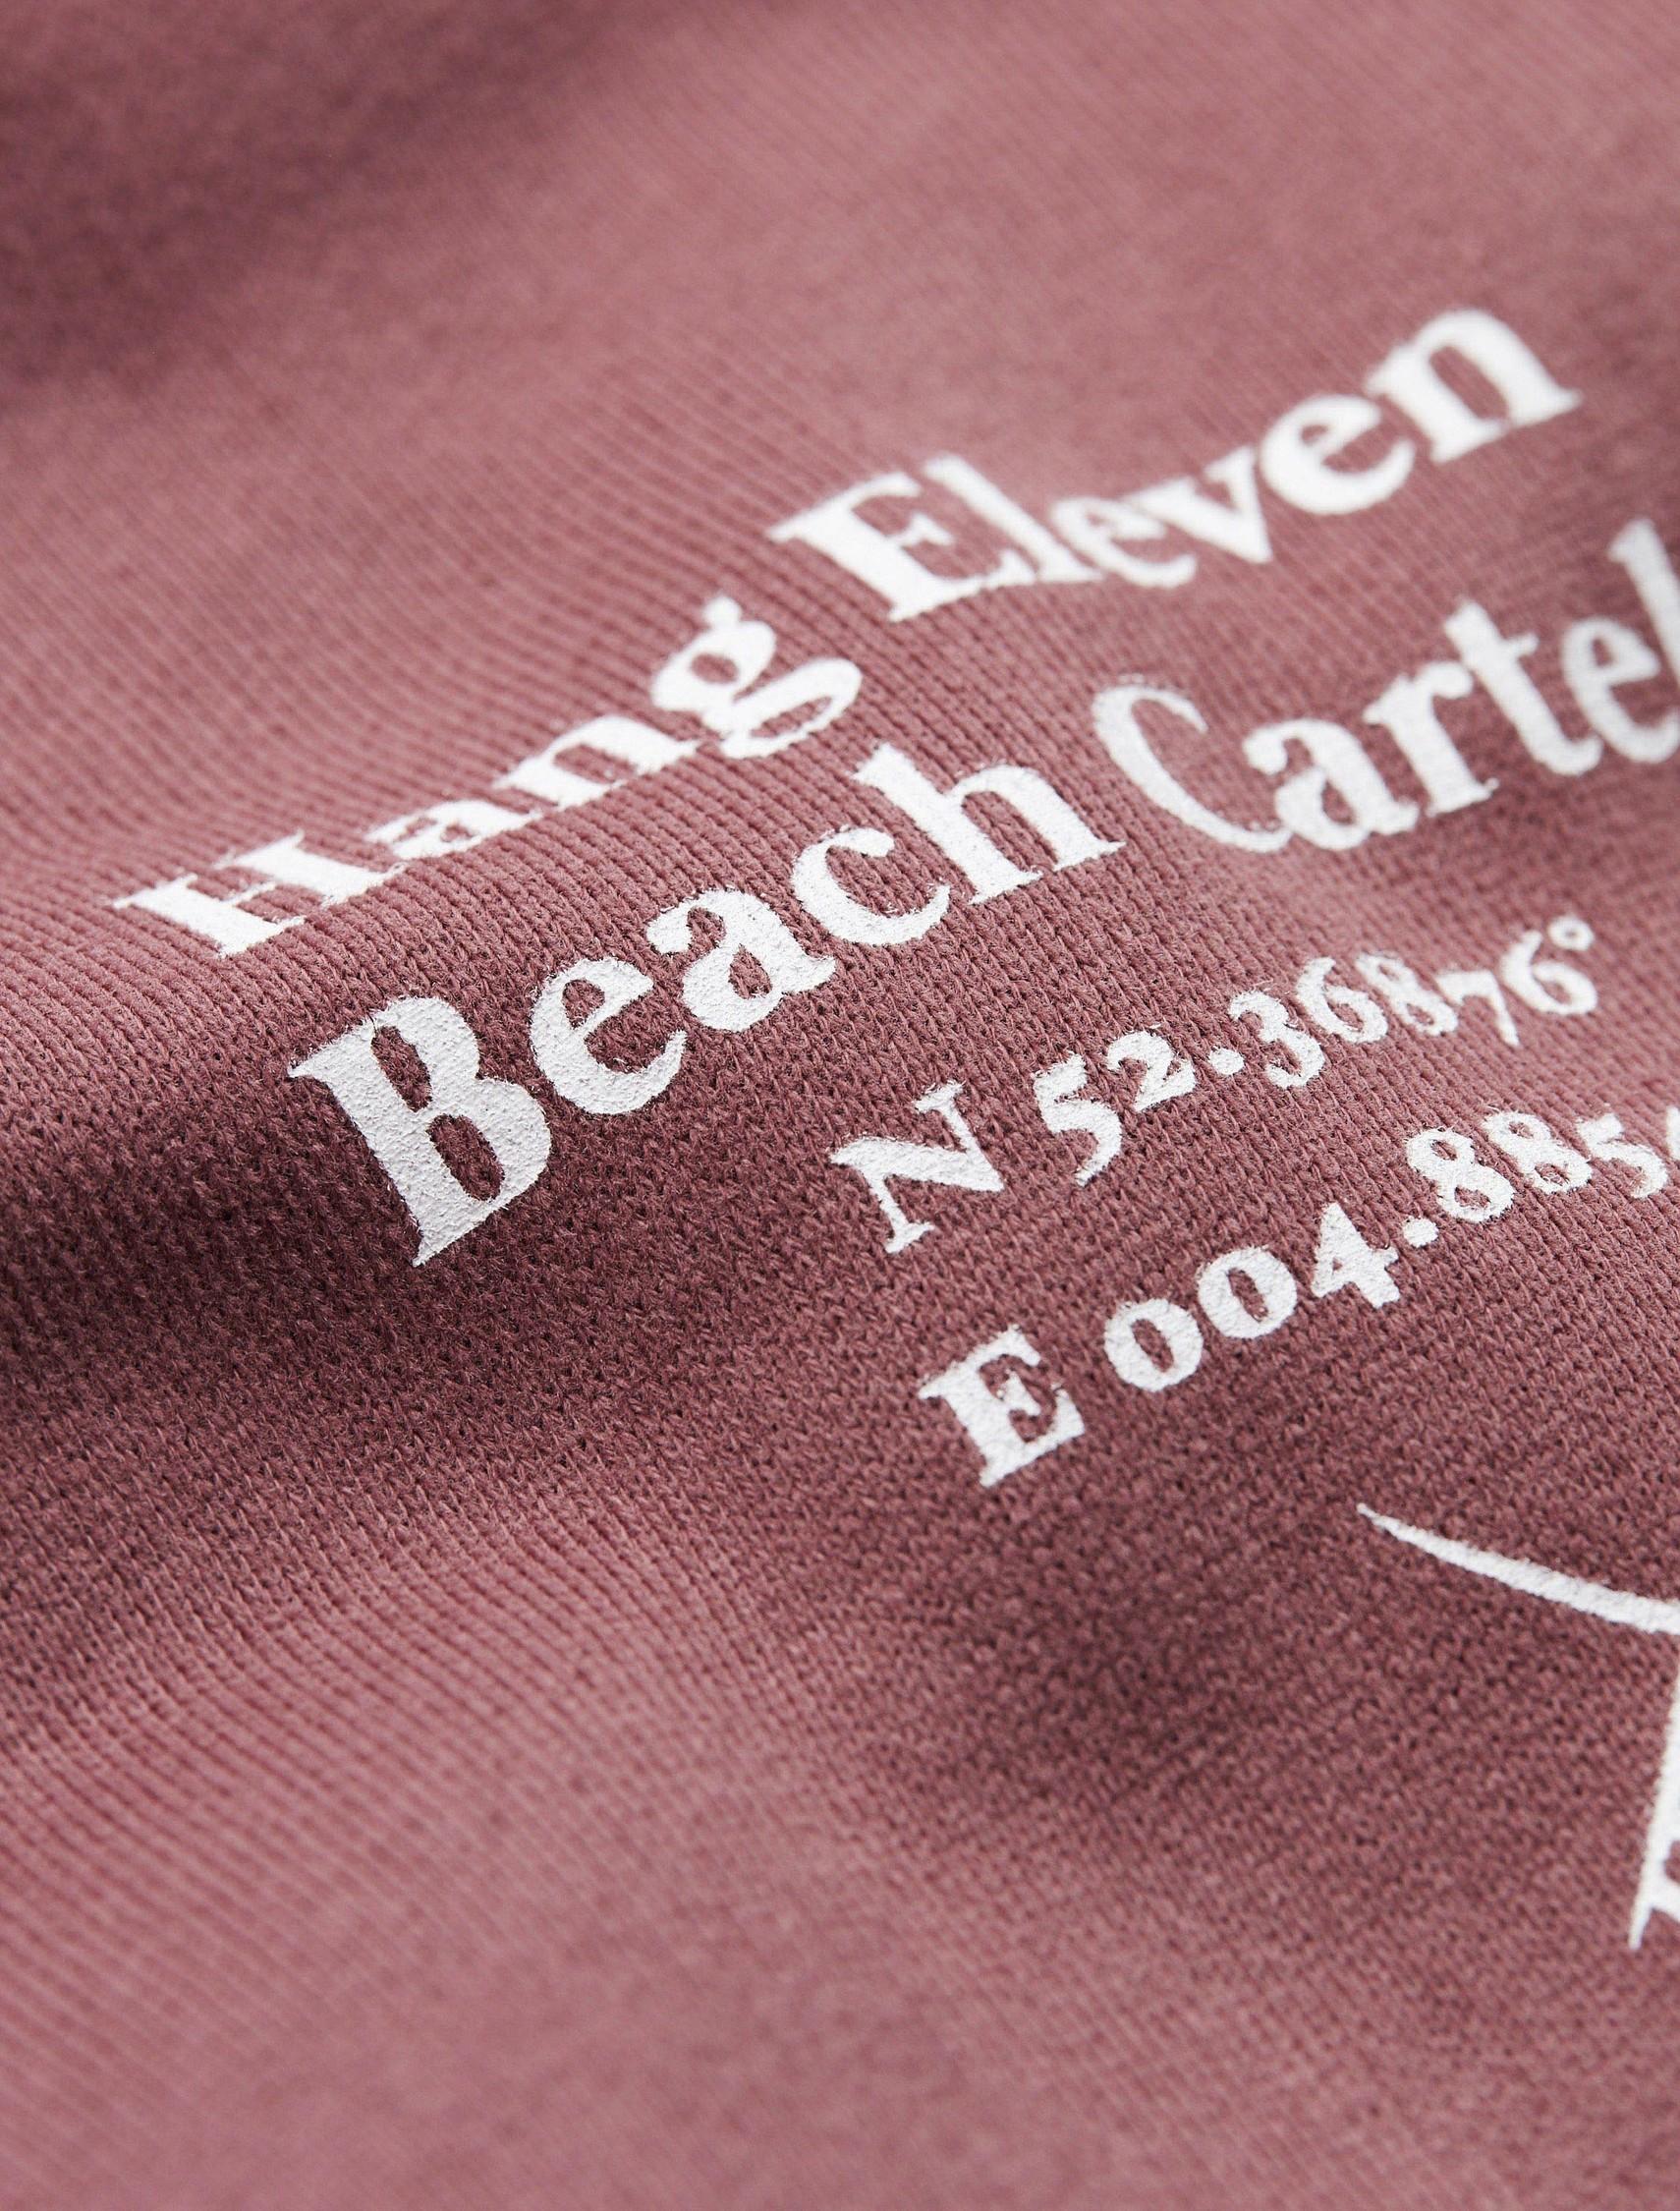 Beach Cartel Hoodie - Mars Red